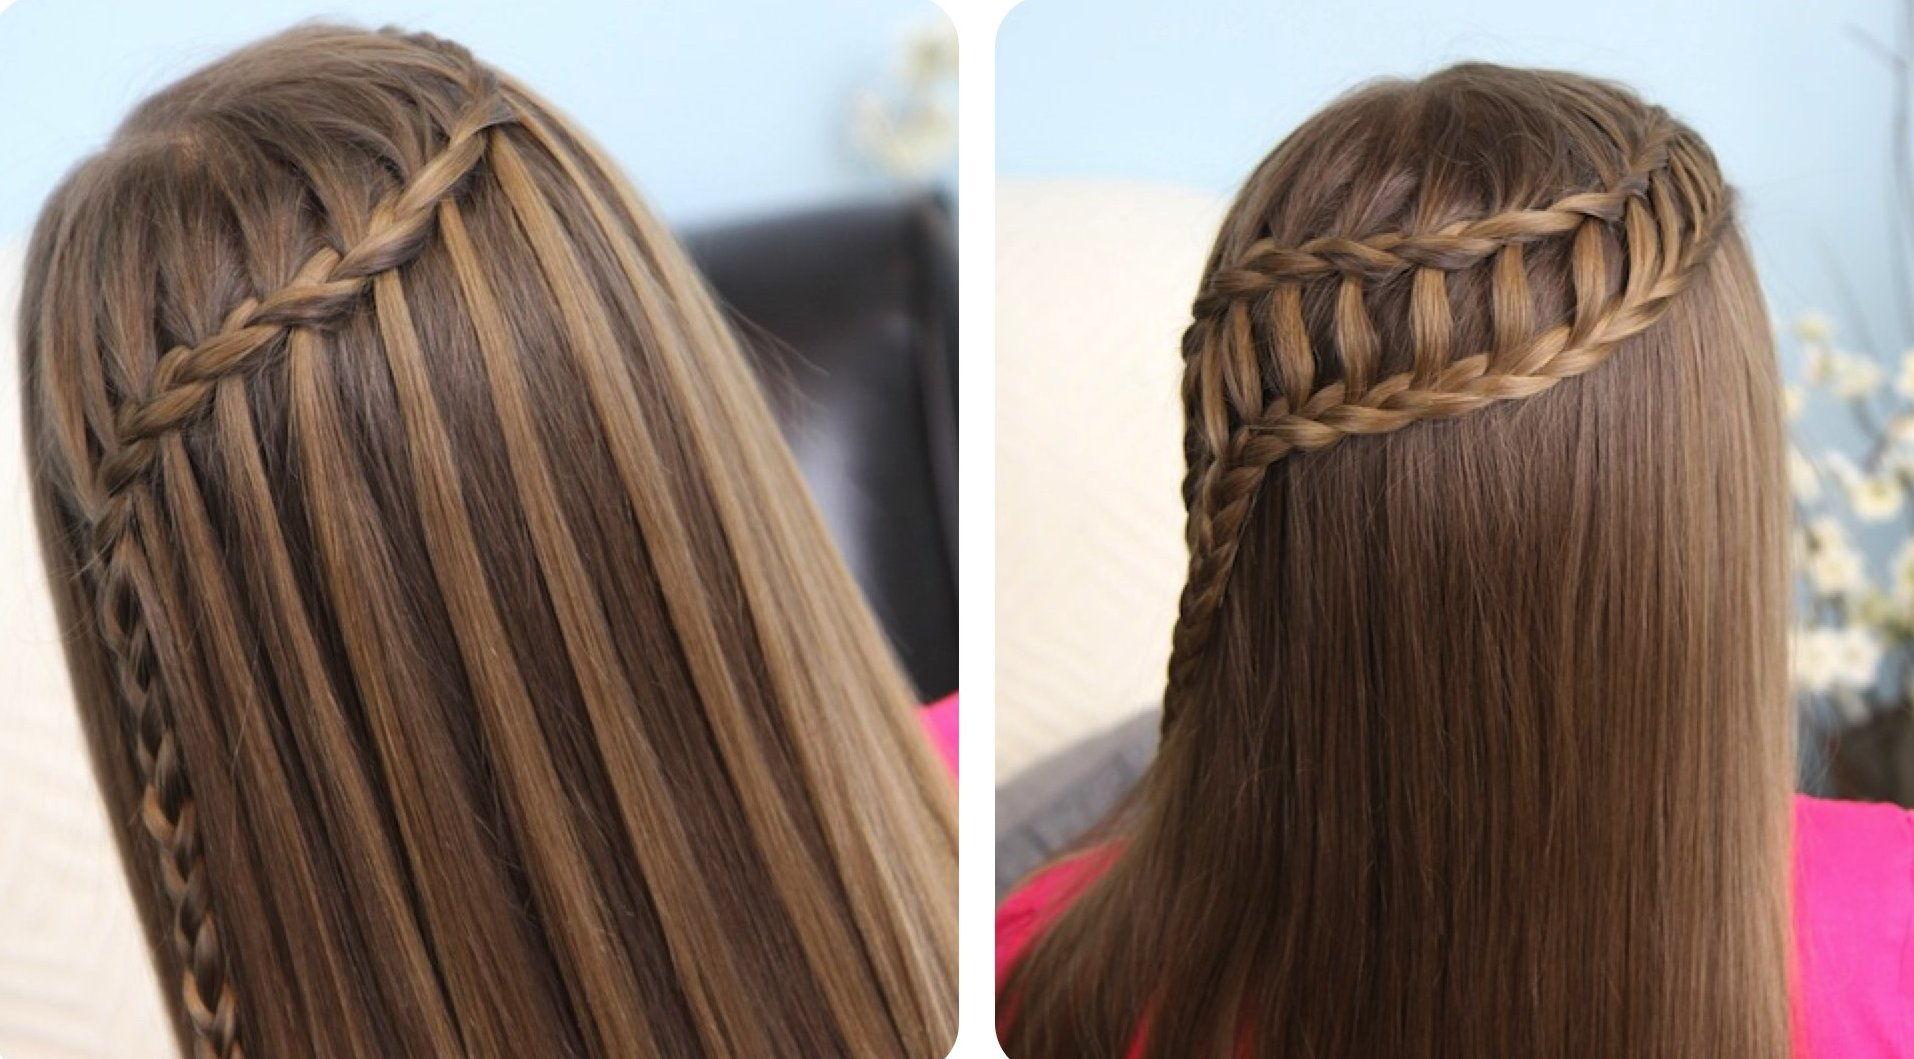 прически на длинные волосы с плетением фото схемы